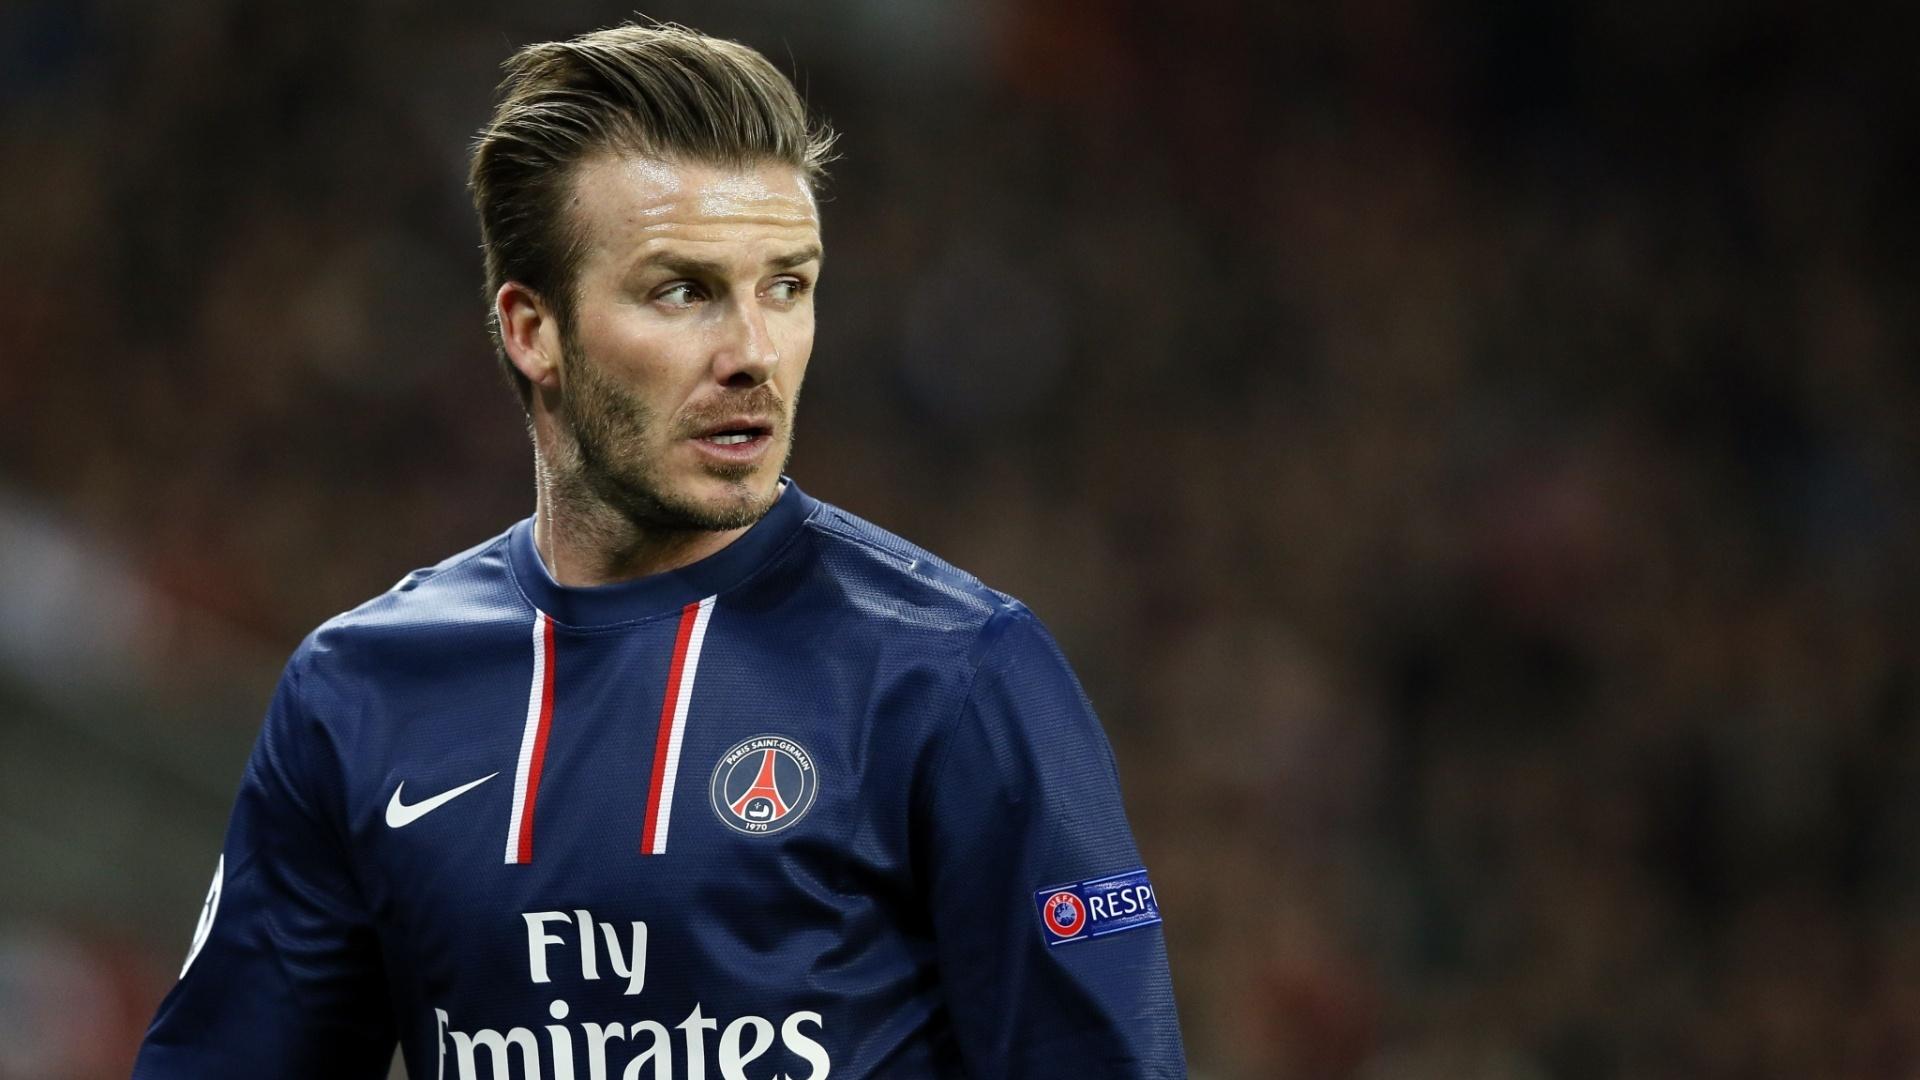 David Beckham HD Duvar kağıdı | Arka plan | 1920x1080 | ID:390421 ...